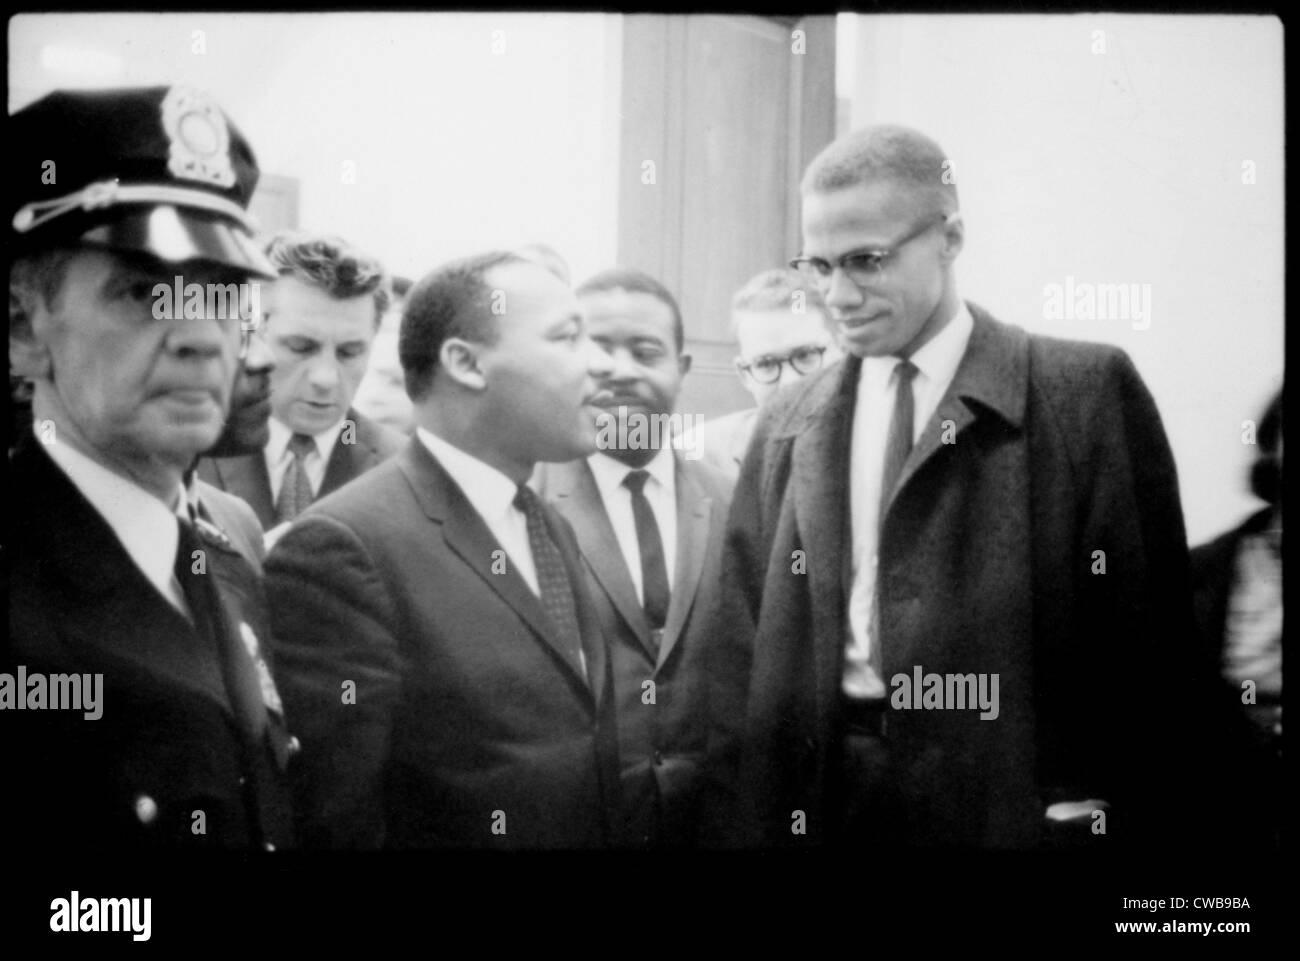 Martin Luther King Jr., e Malcolm X, in attesa di una conferenza stampa, 1964. Immagini Stock